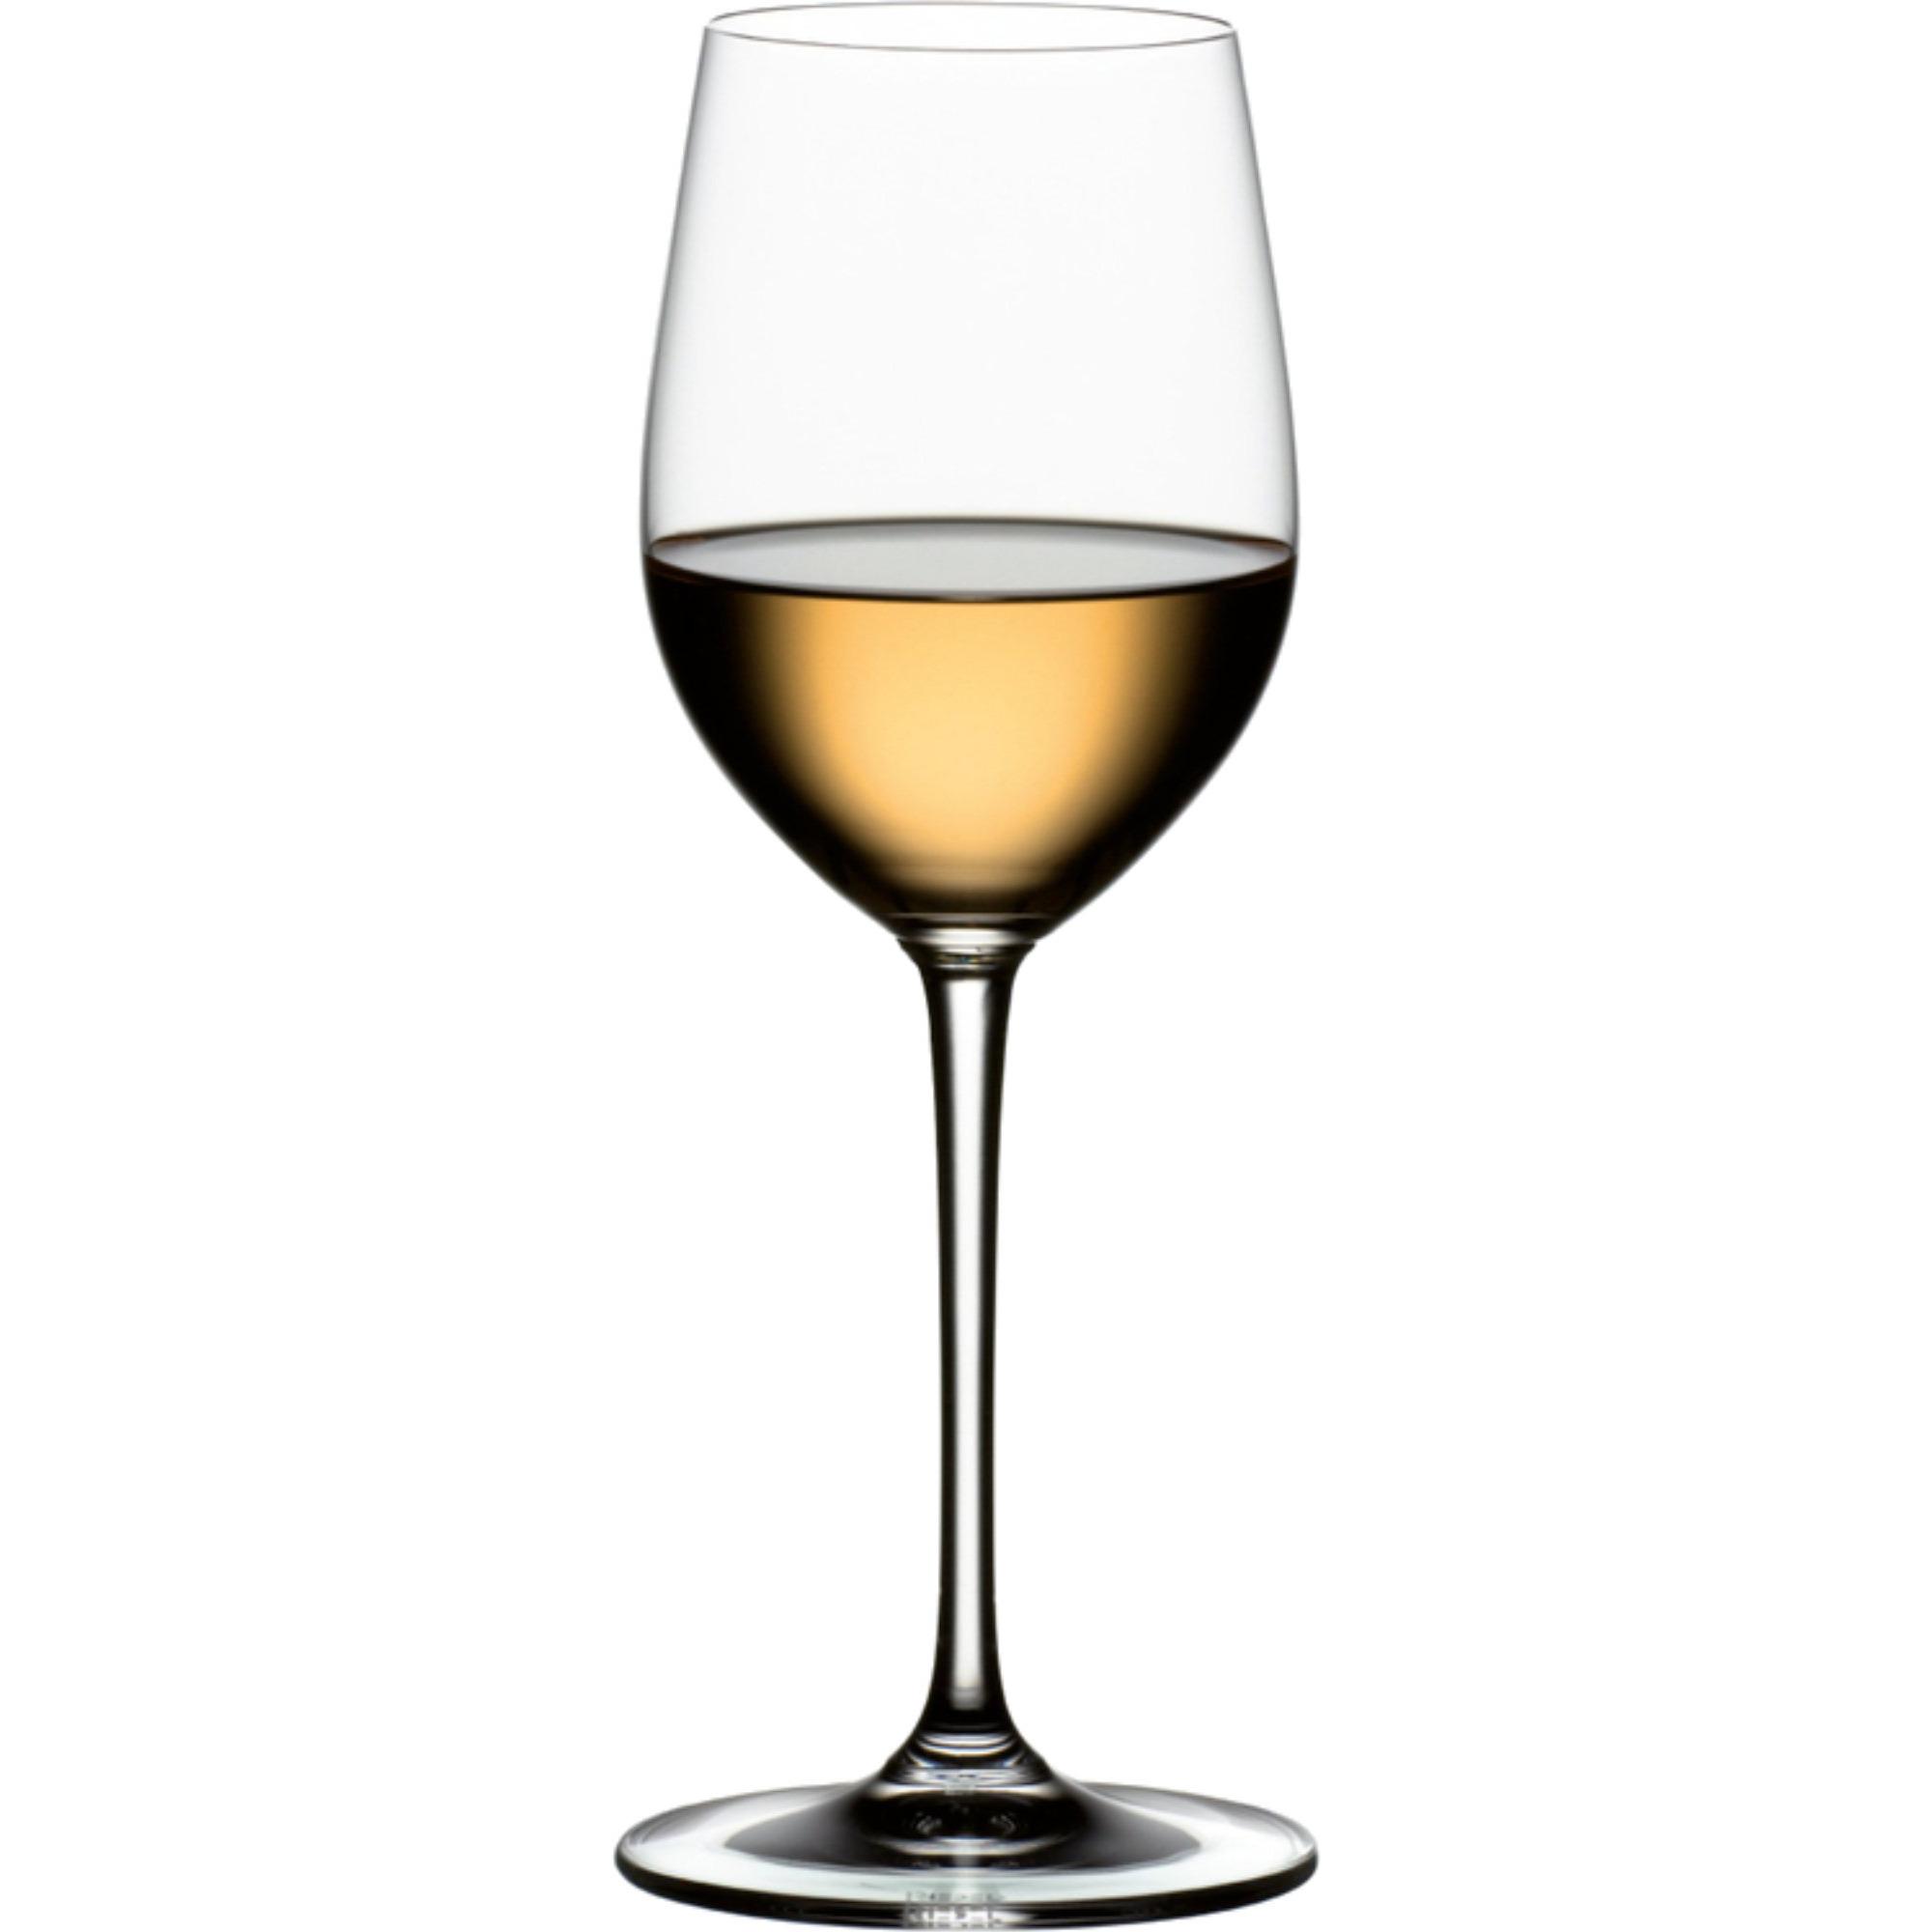 Riedel Vinum XL Viognier/Chardonnay Vinglas 37 cl2-pack